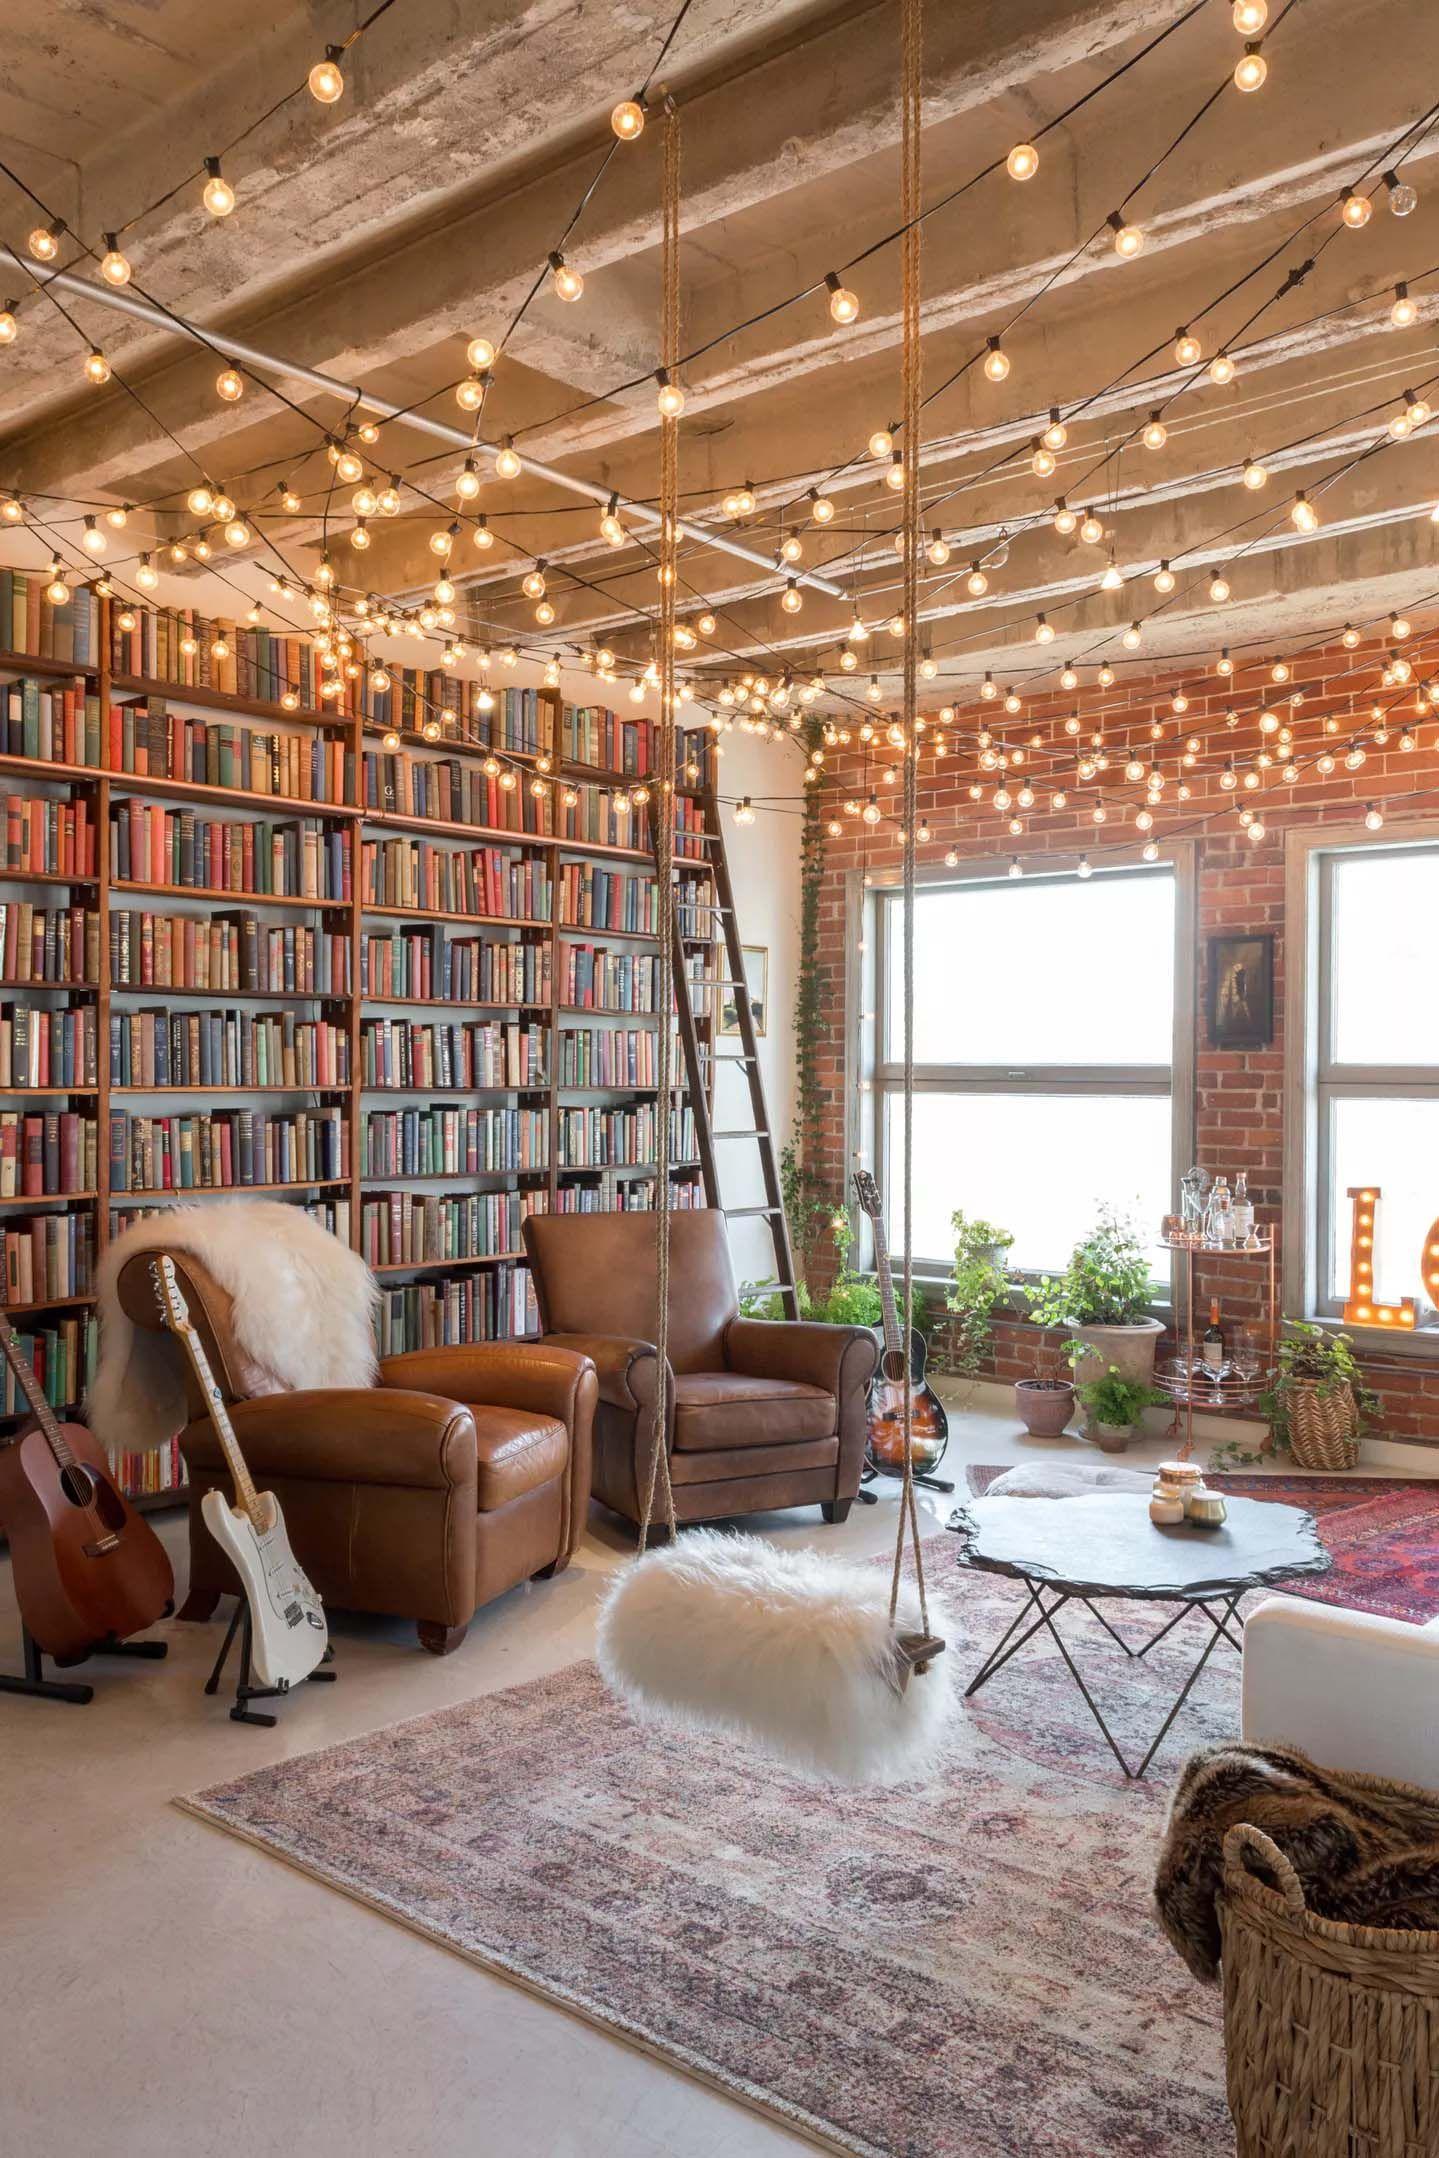 Techo del salón decorado con guirnaldas de luces